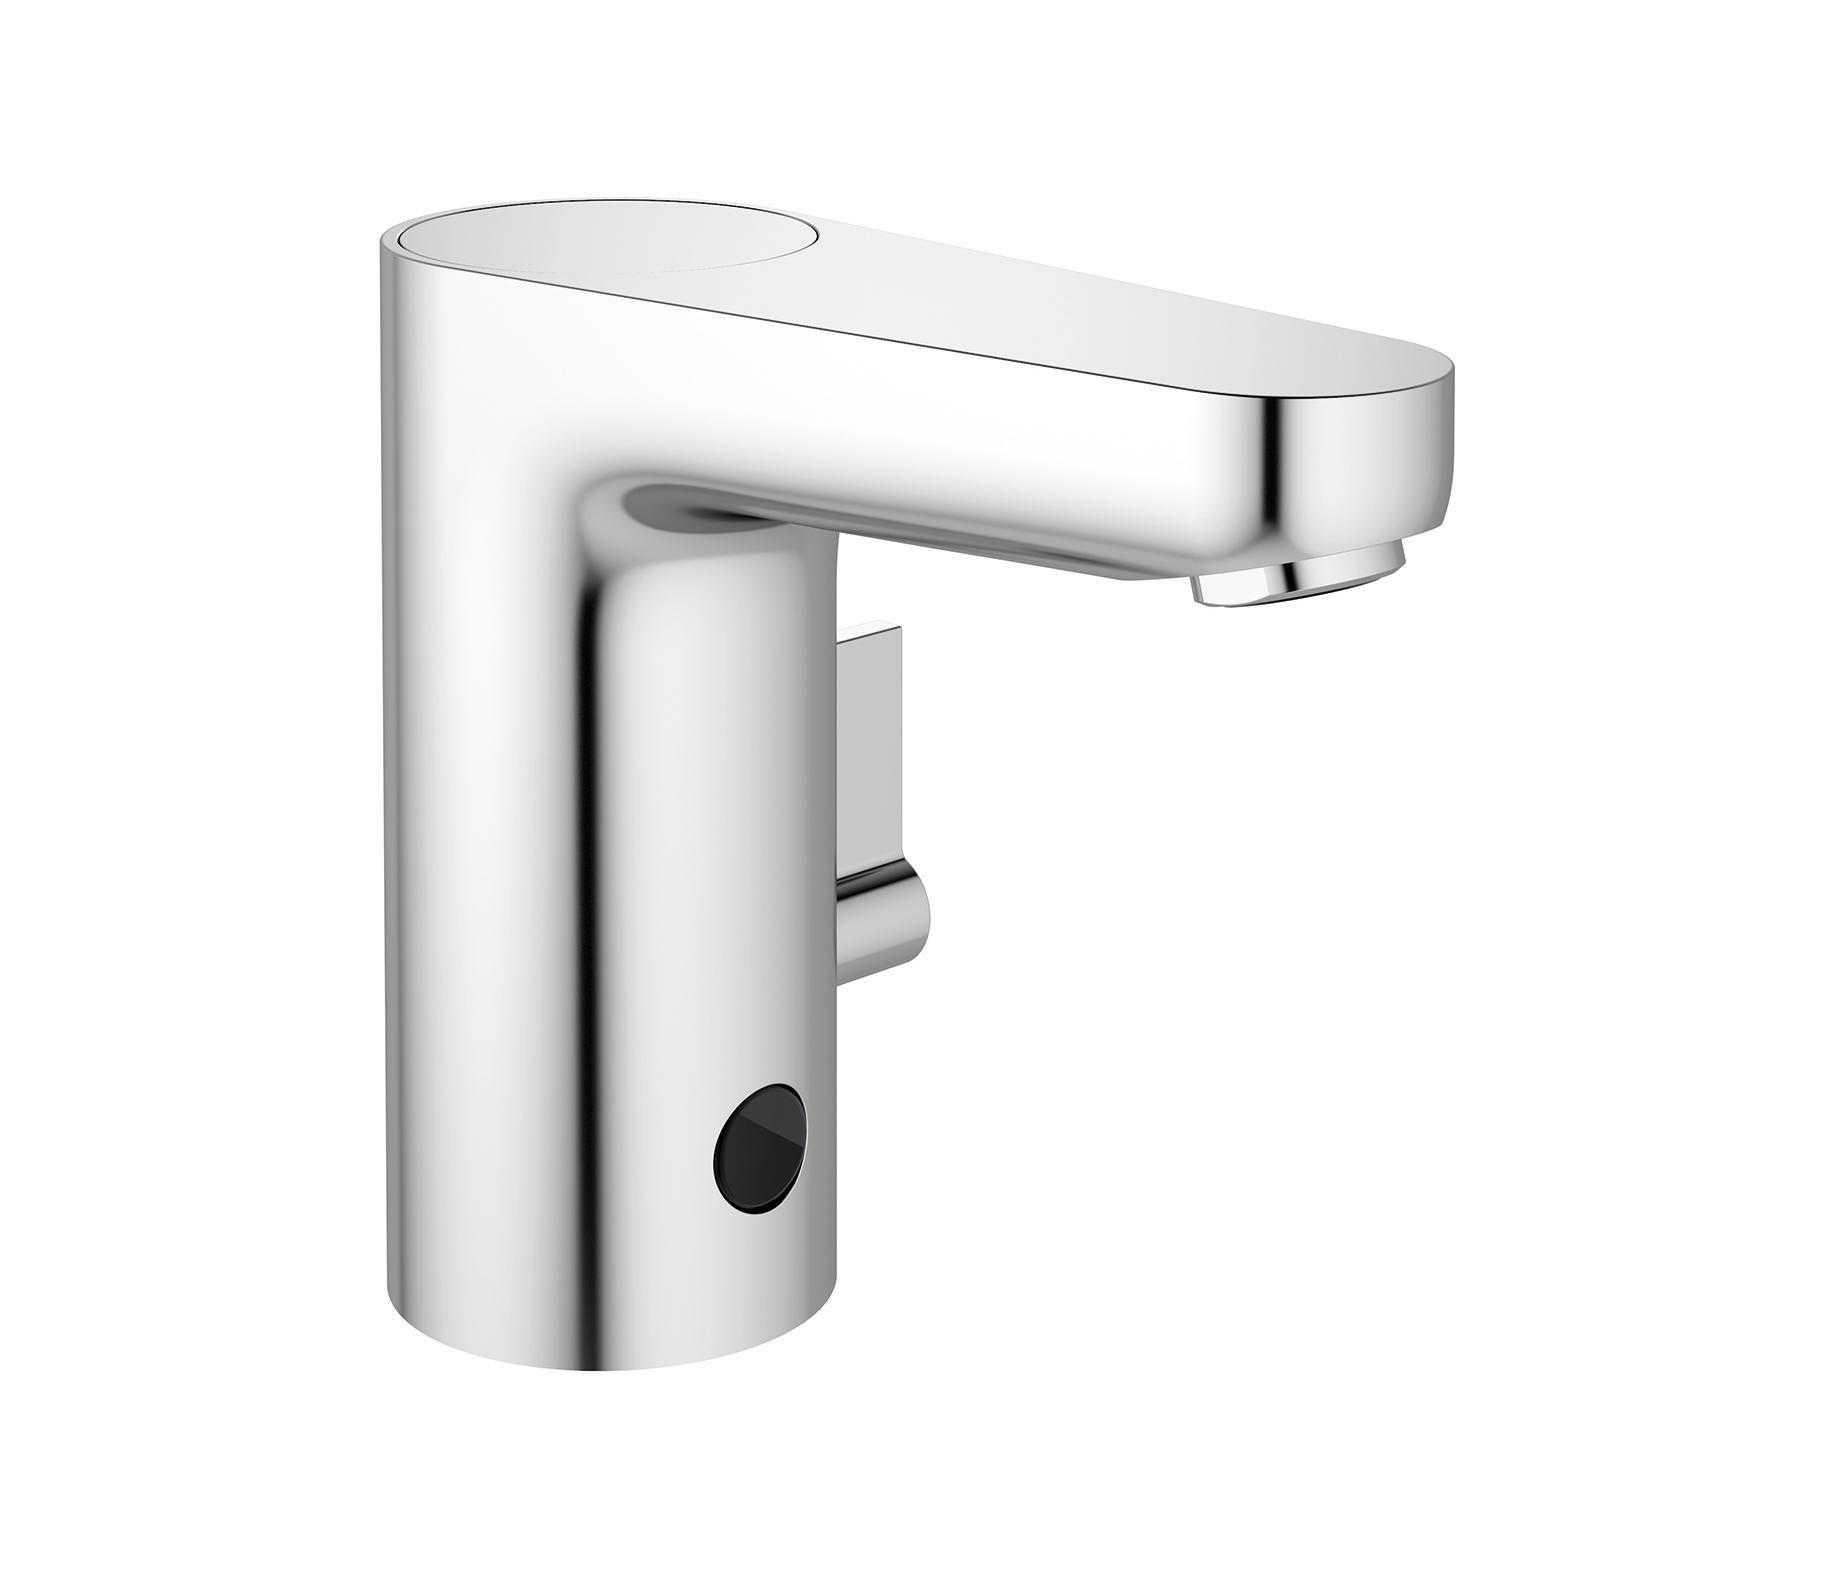 ceraplus sensor waschtischarmatur mit mischung batteriebetrieben wash basin taps from ideal. Black Bedroom Furniture Sets. Home Design Ideas